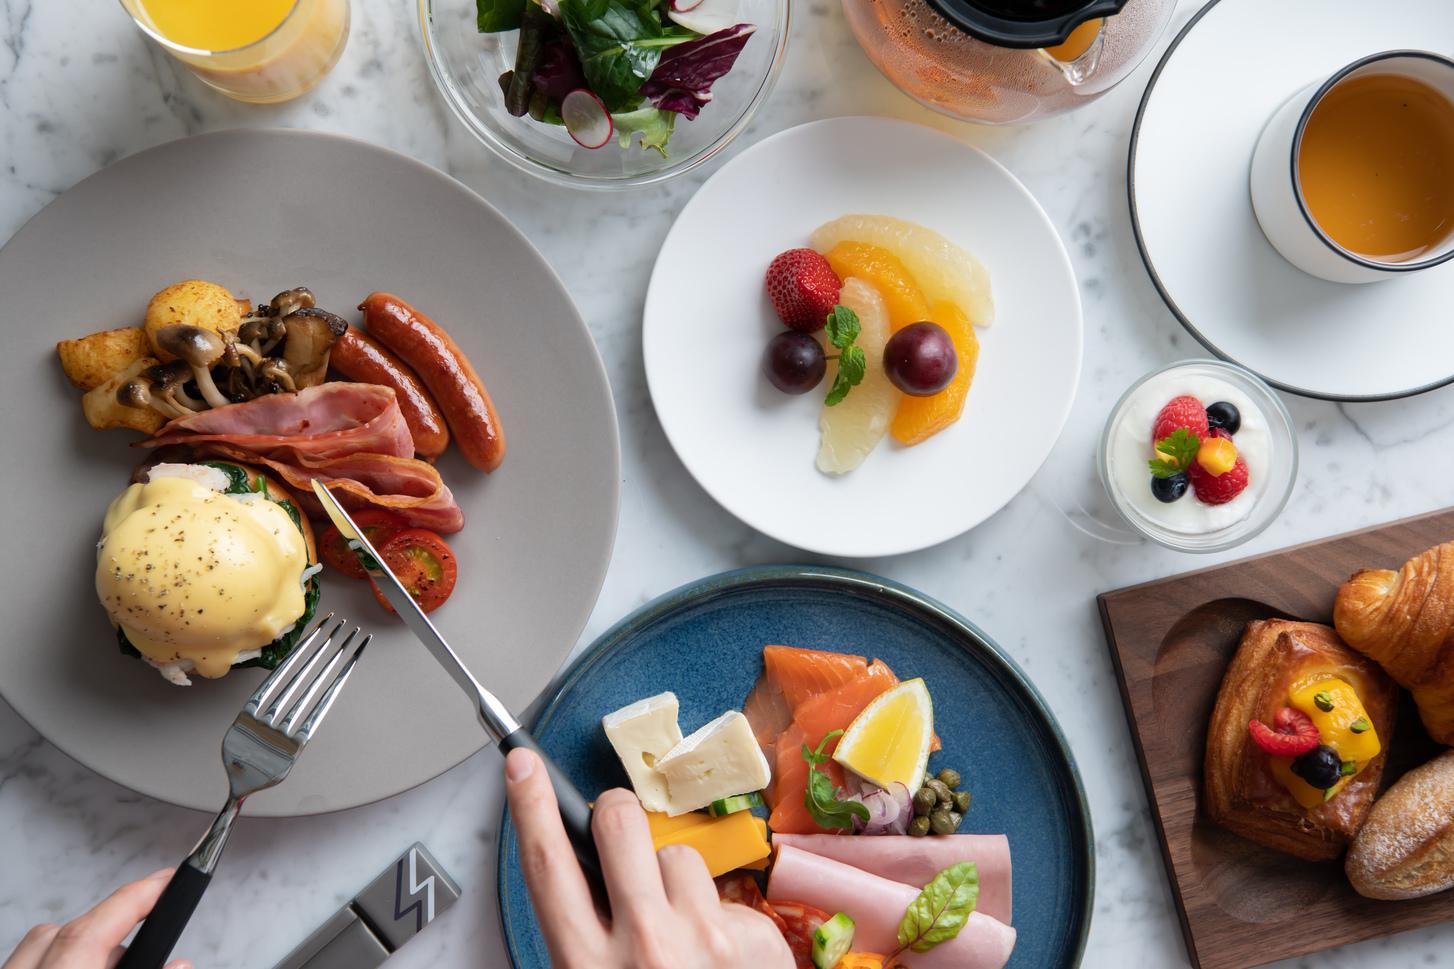 豊かな食文化を誇る金沢、北陸の地元食材を取り入れたこだわりの朝食付きプラン